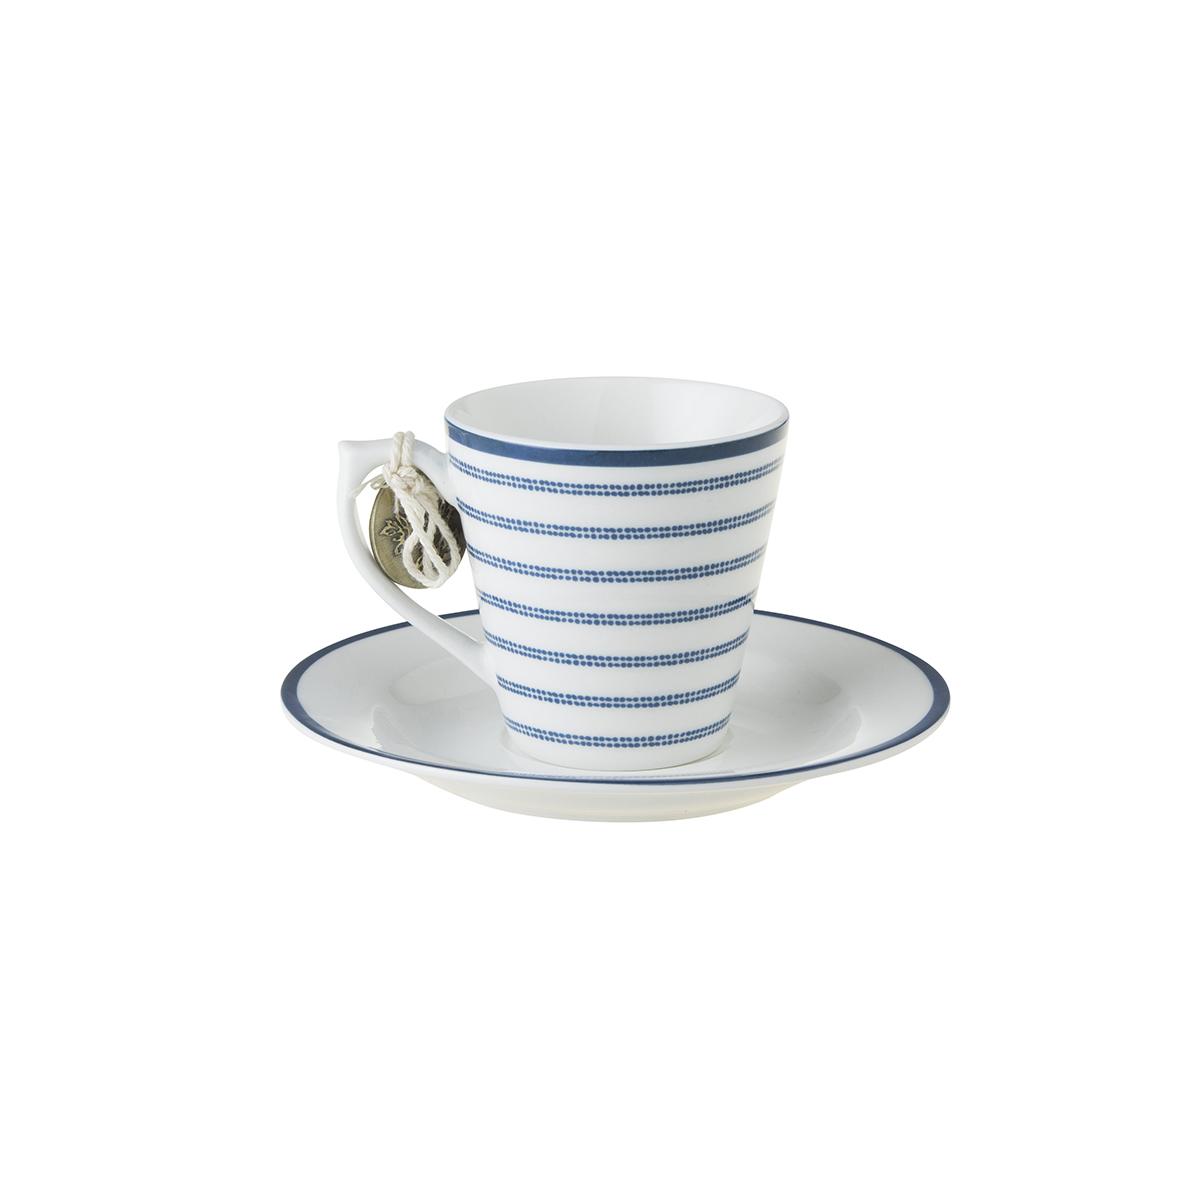 kop-en-schotel-espresso-candy-laura-ashley-178692